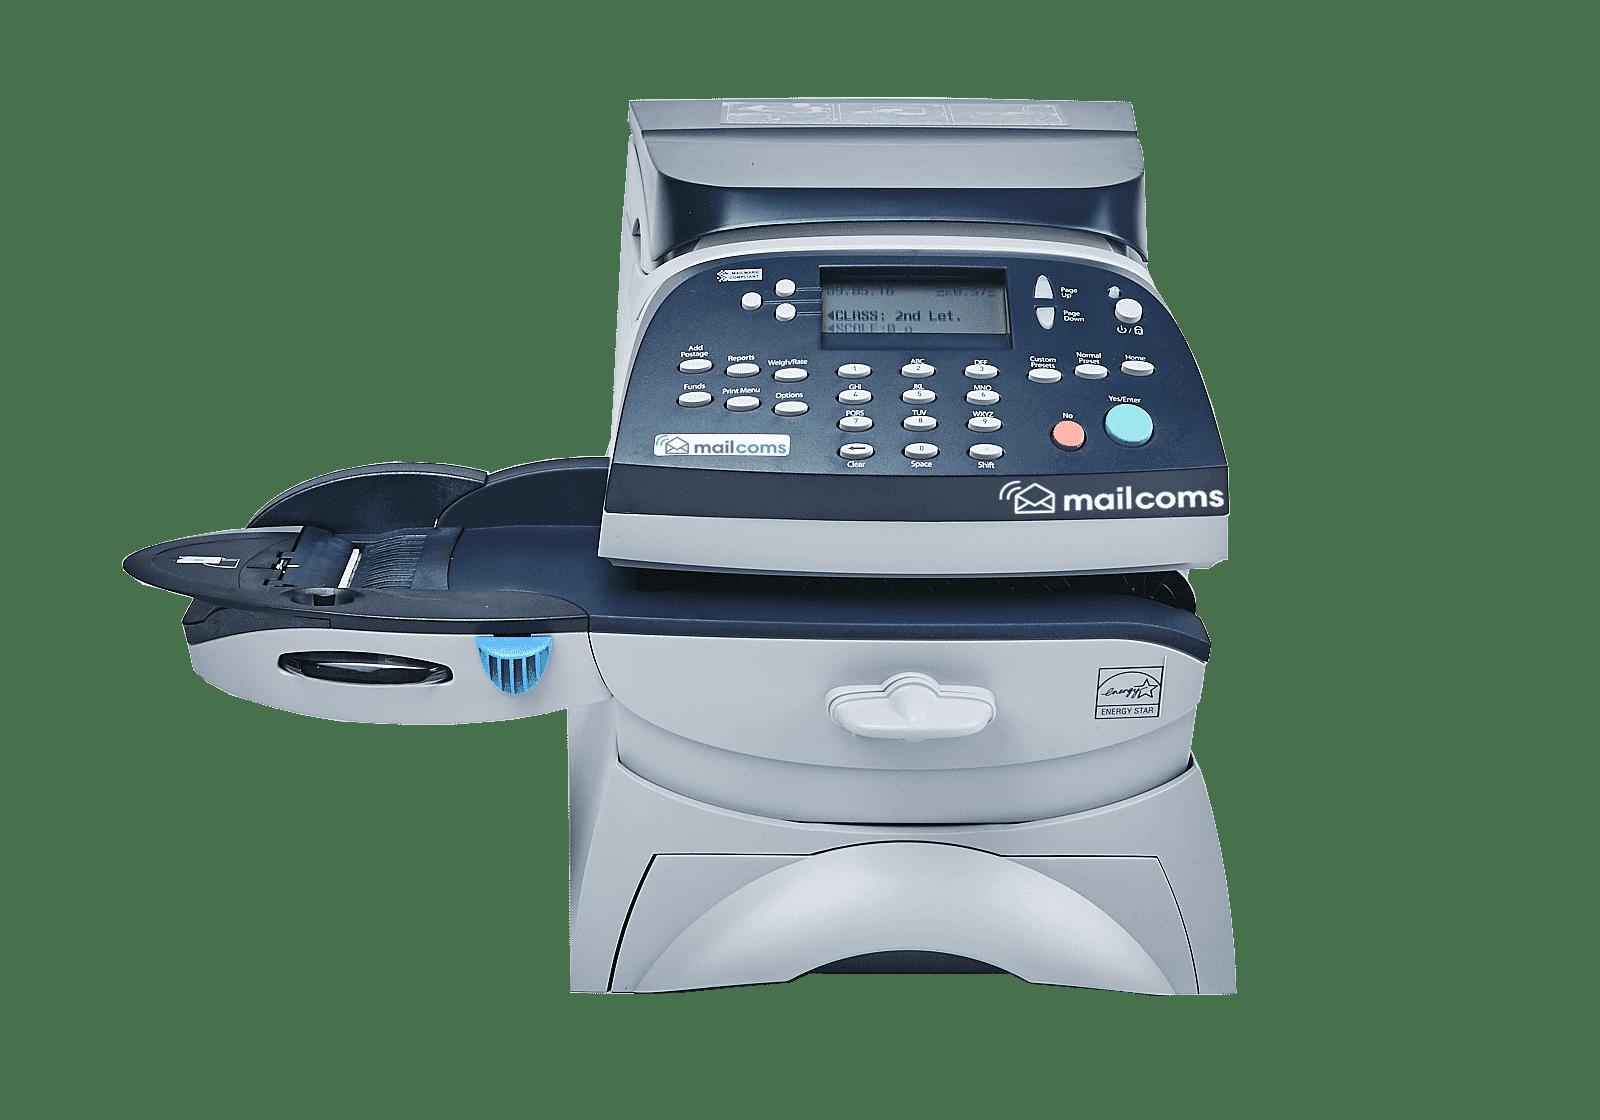 mailbase-pro-franking-machine